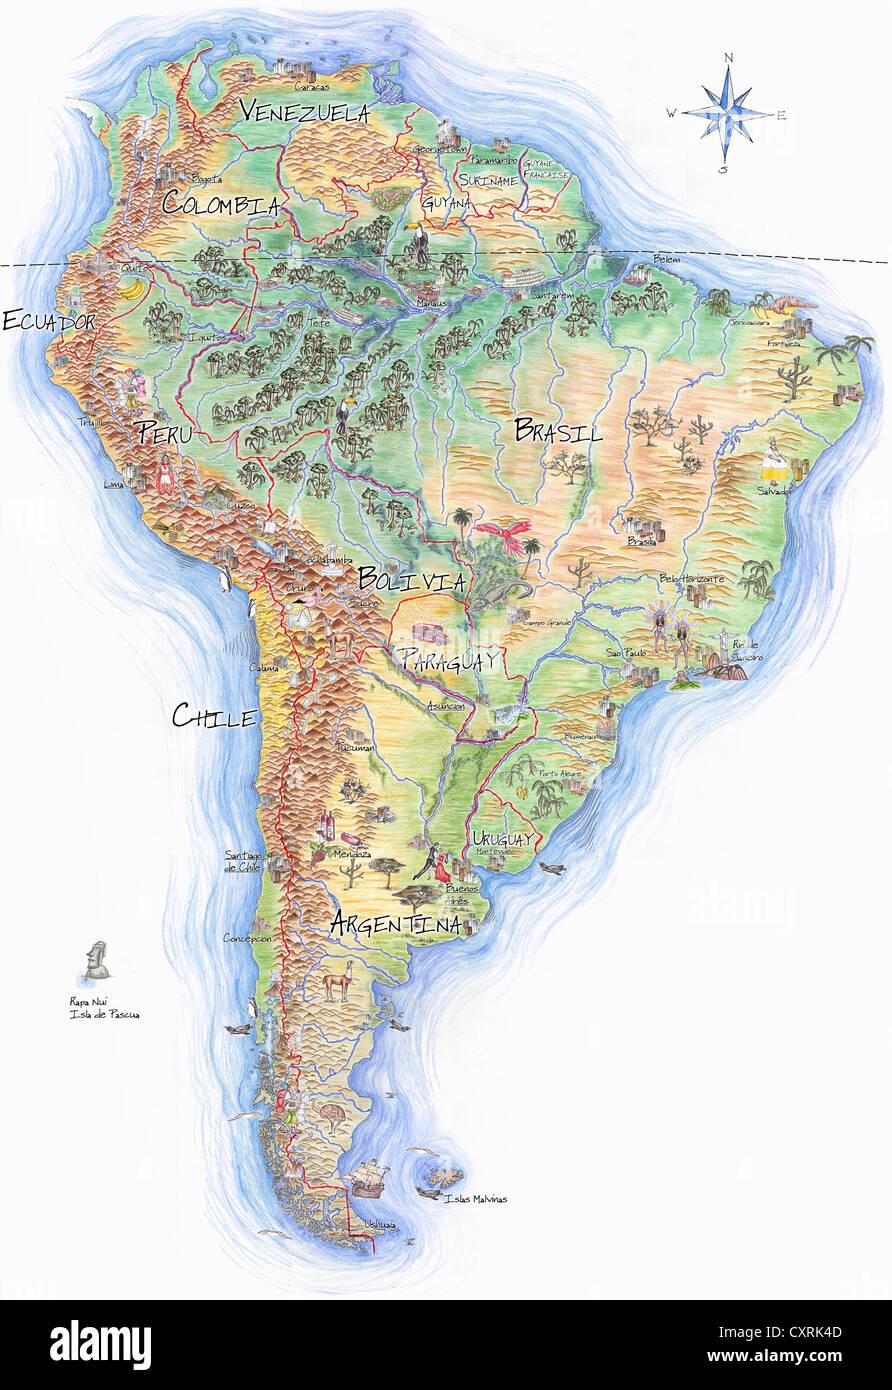 Disegnate a mano mappa di sud america Immagini Stock